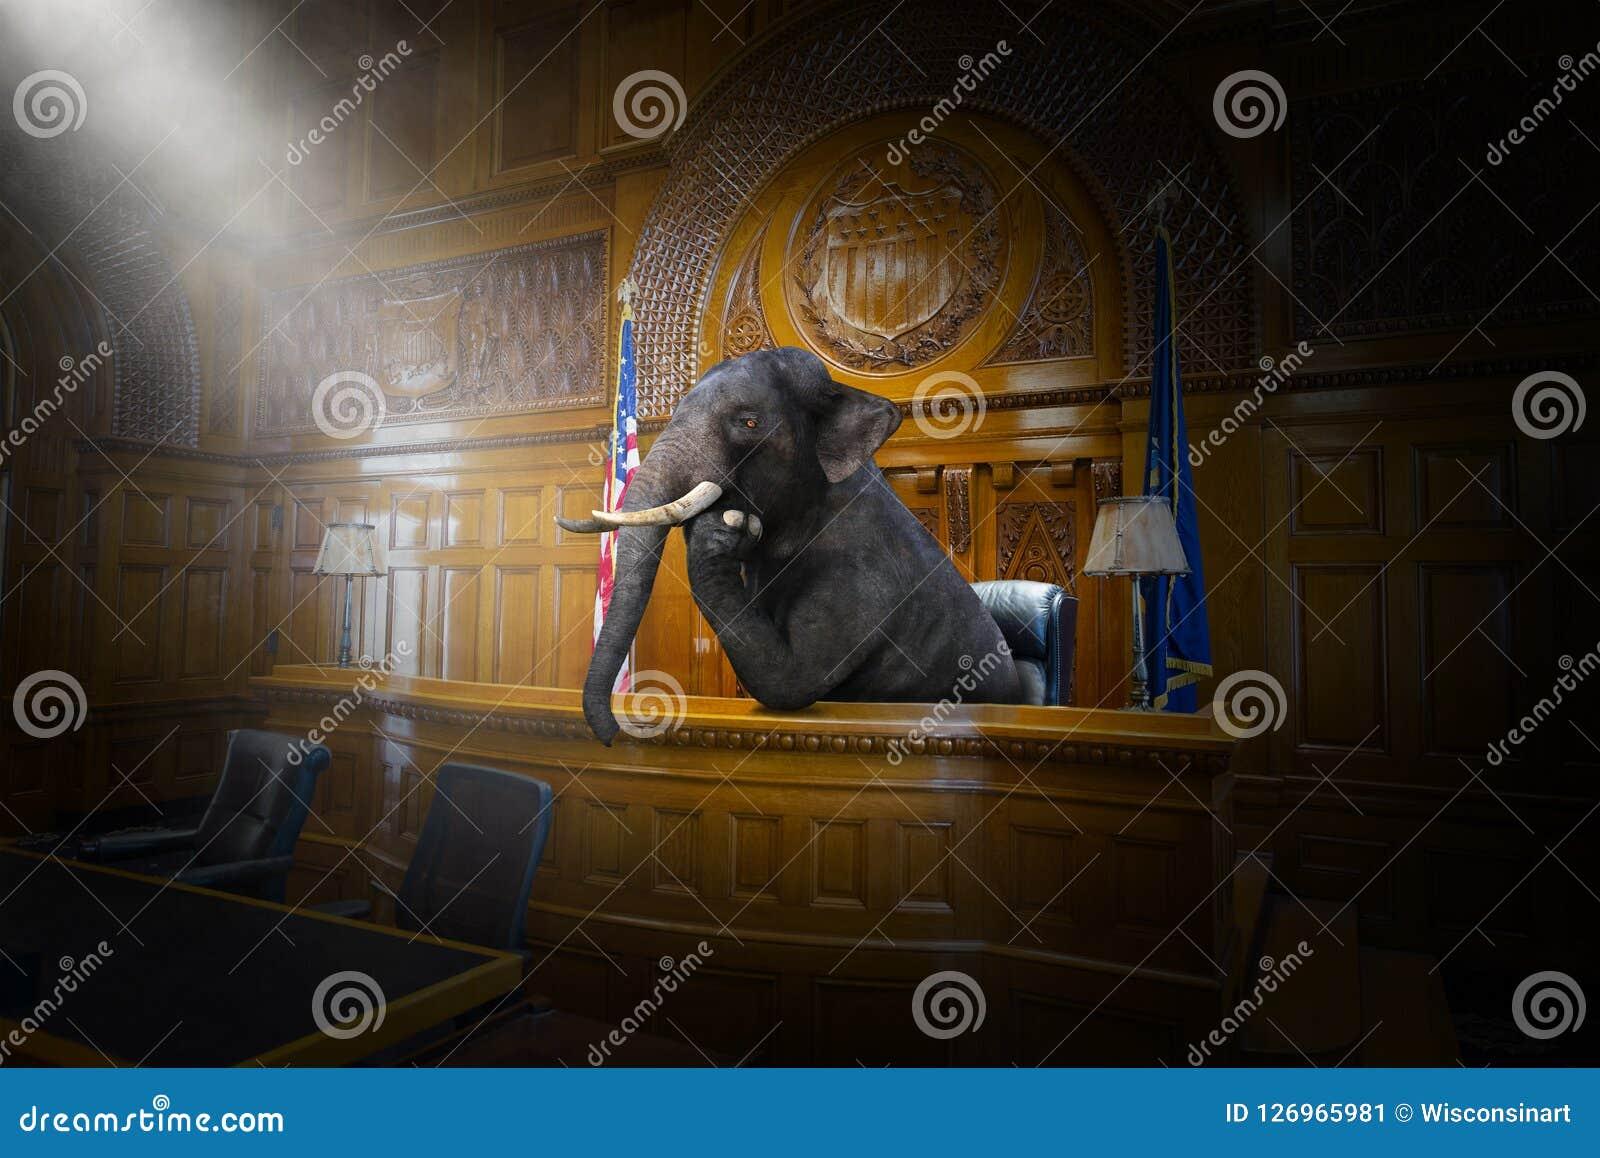 Juez surrealista divertido del elefante, abogado, sala de tribunal, ley